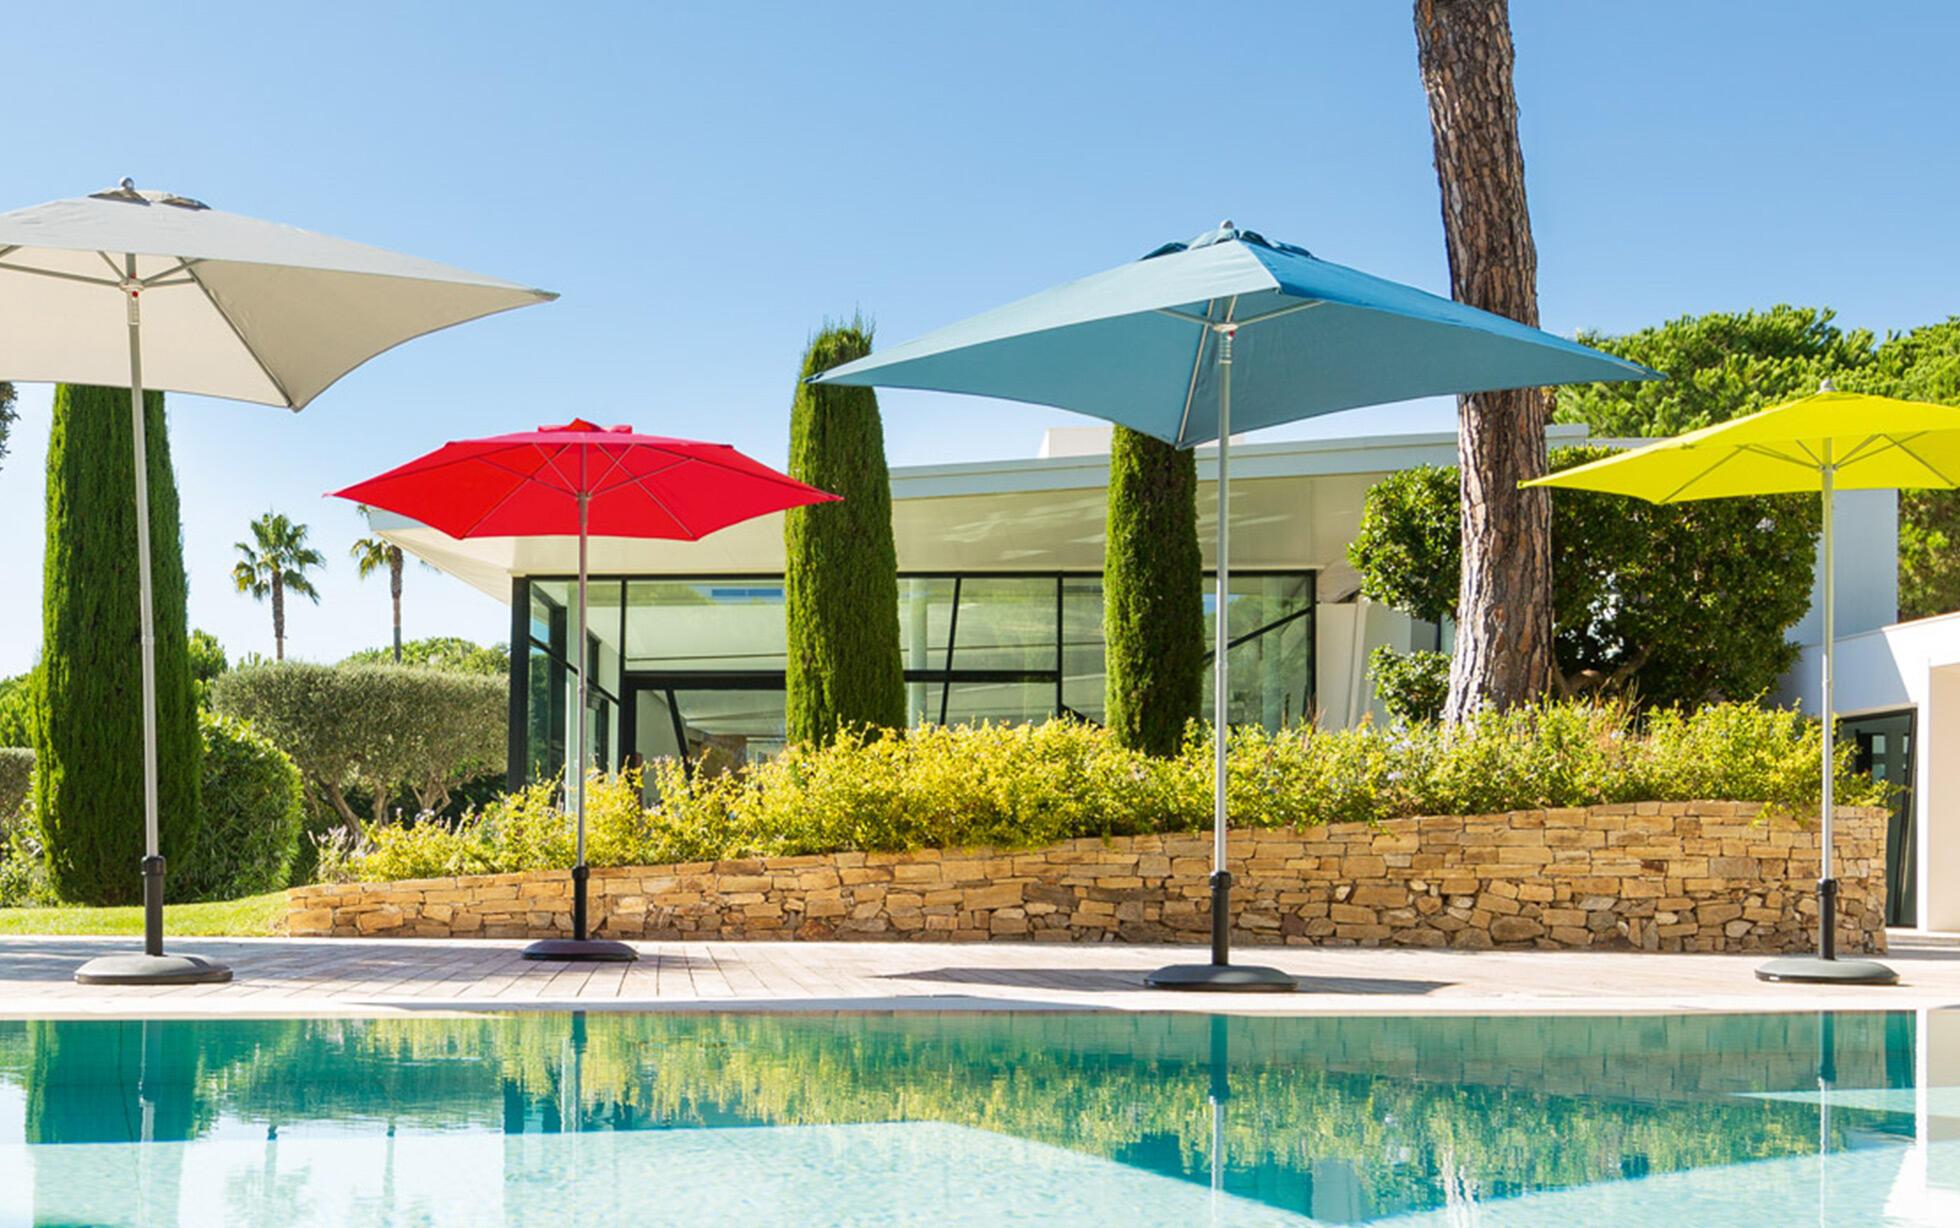 piscine entourée de parasols colorés